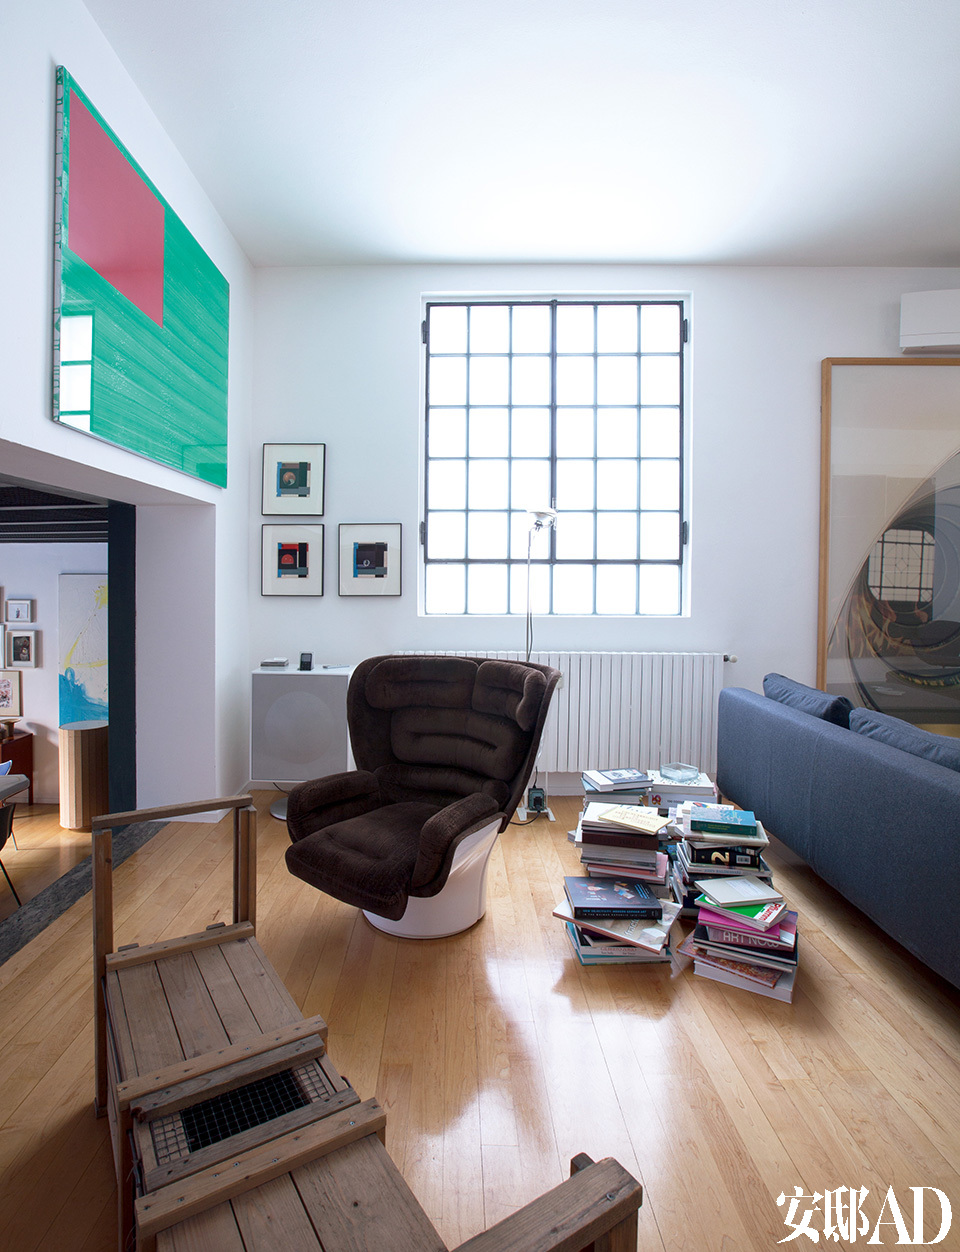 左墙上的铝框水粉画来自艺术家Wade Guyton,地上的木头雕塑来自Andreas Slominski,Ray 模型沙发椅出自Antonio Citterio B&B Italia,扶手椅是大师Joe Colombo 于1965年设计的。